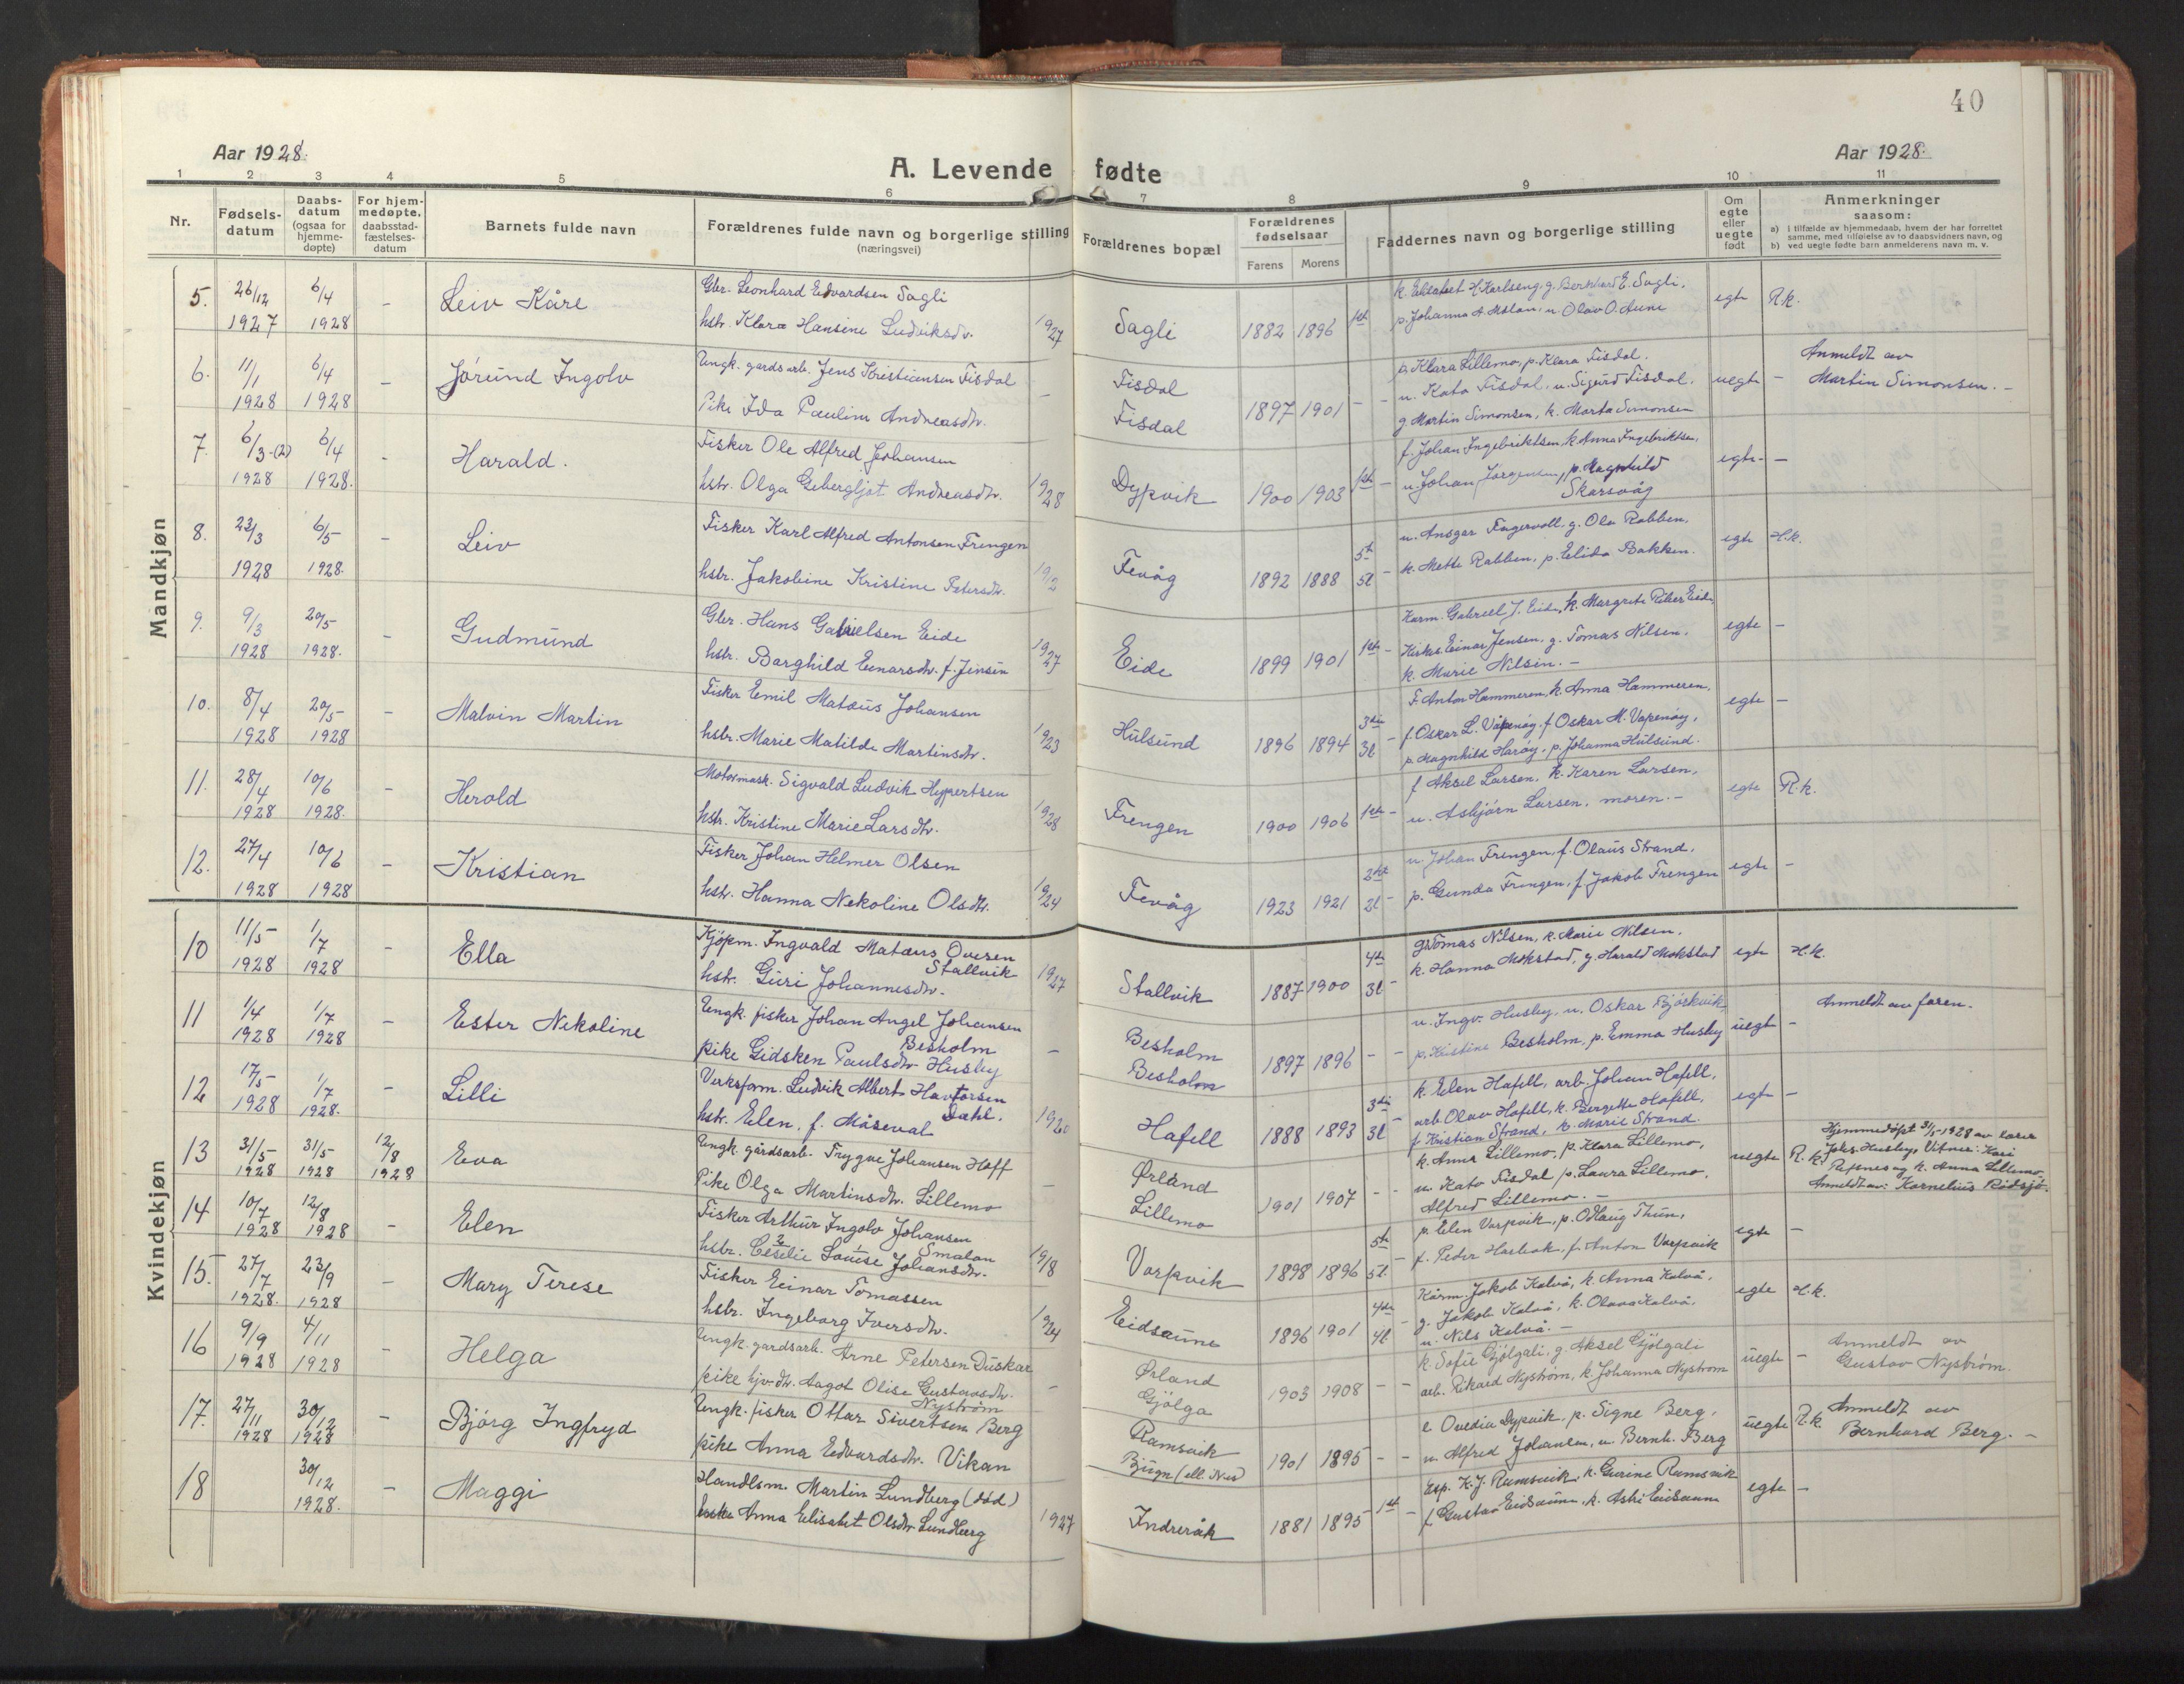 SAT, Ministerialprotokoller, klokkerbøker og fødselsregistre - Sør-Trøndelag, 653/L0658: Klokkerbok nr. 653C02, 1919-1947, s. 40